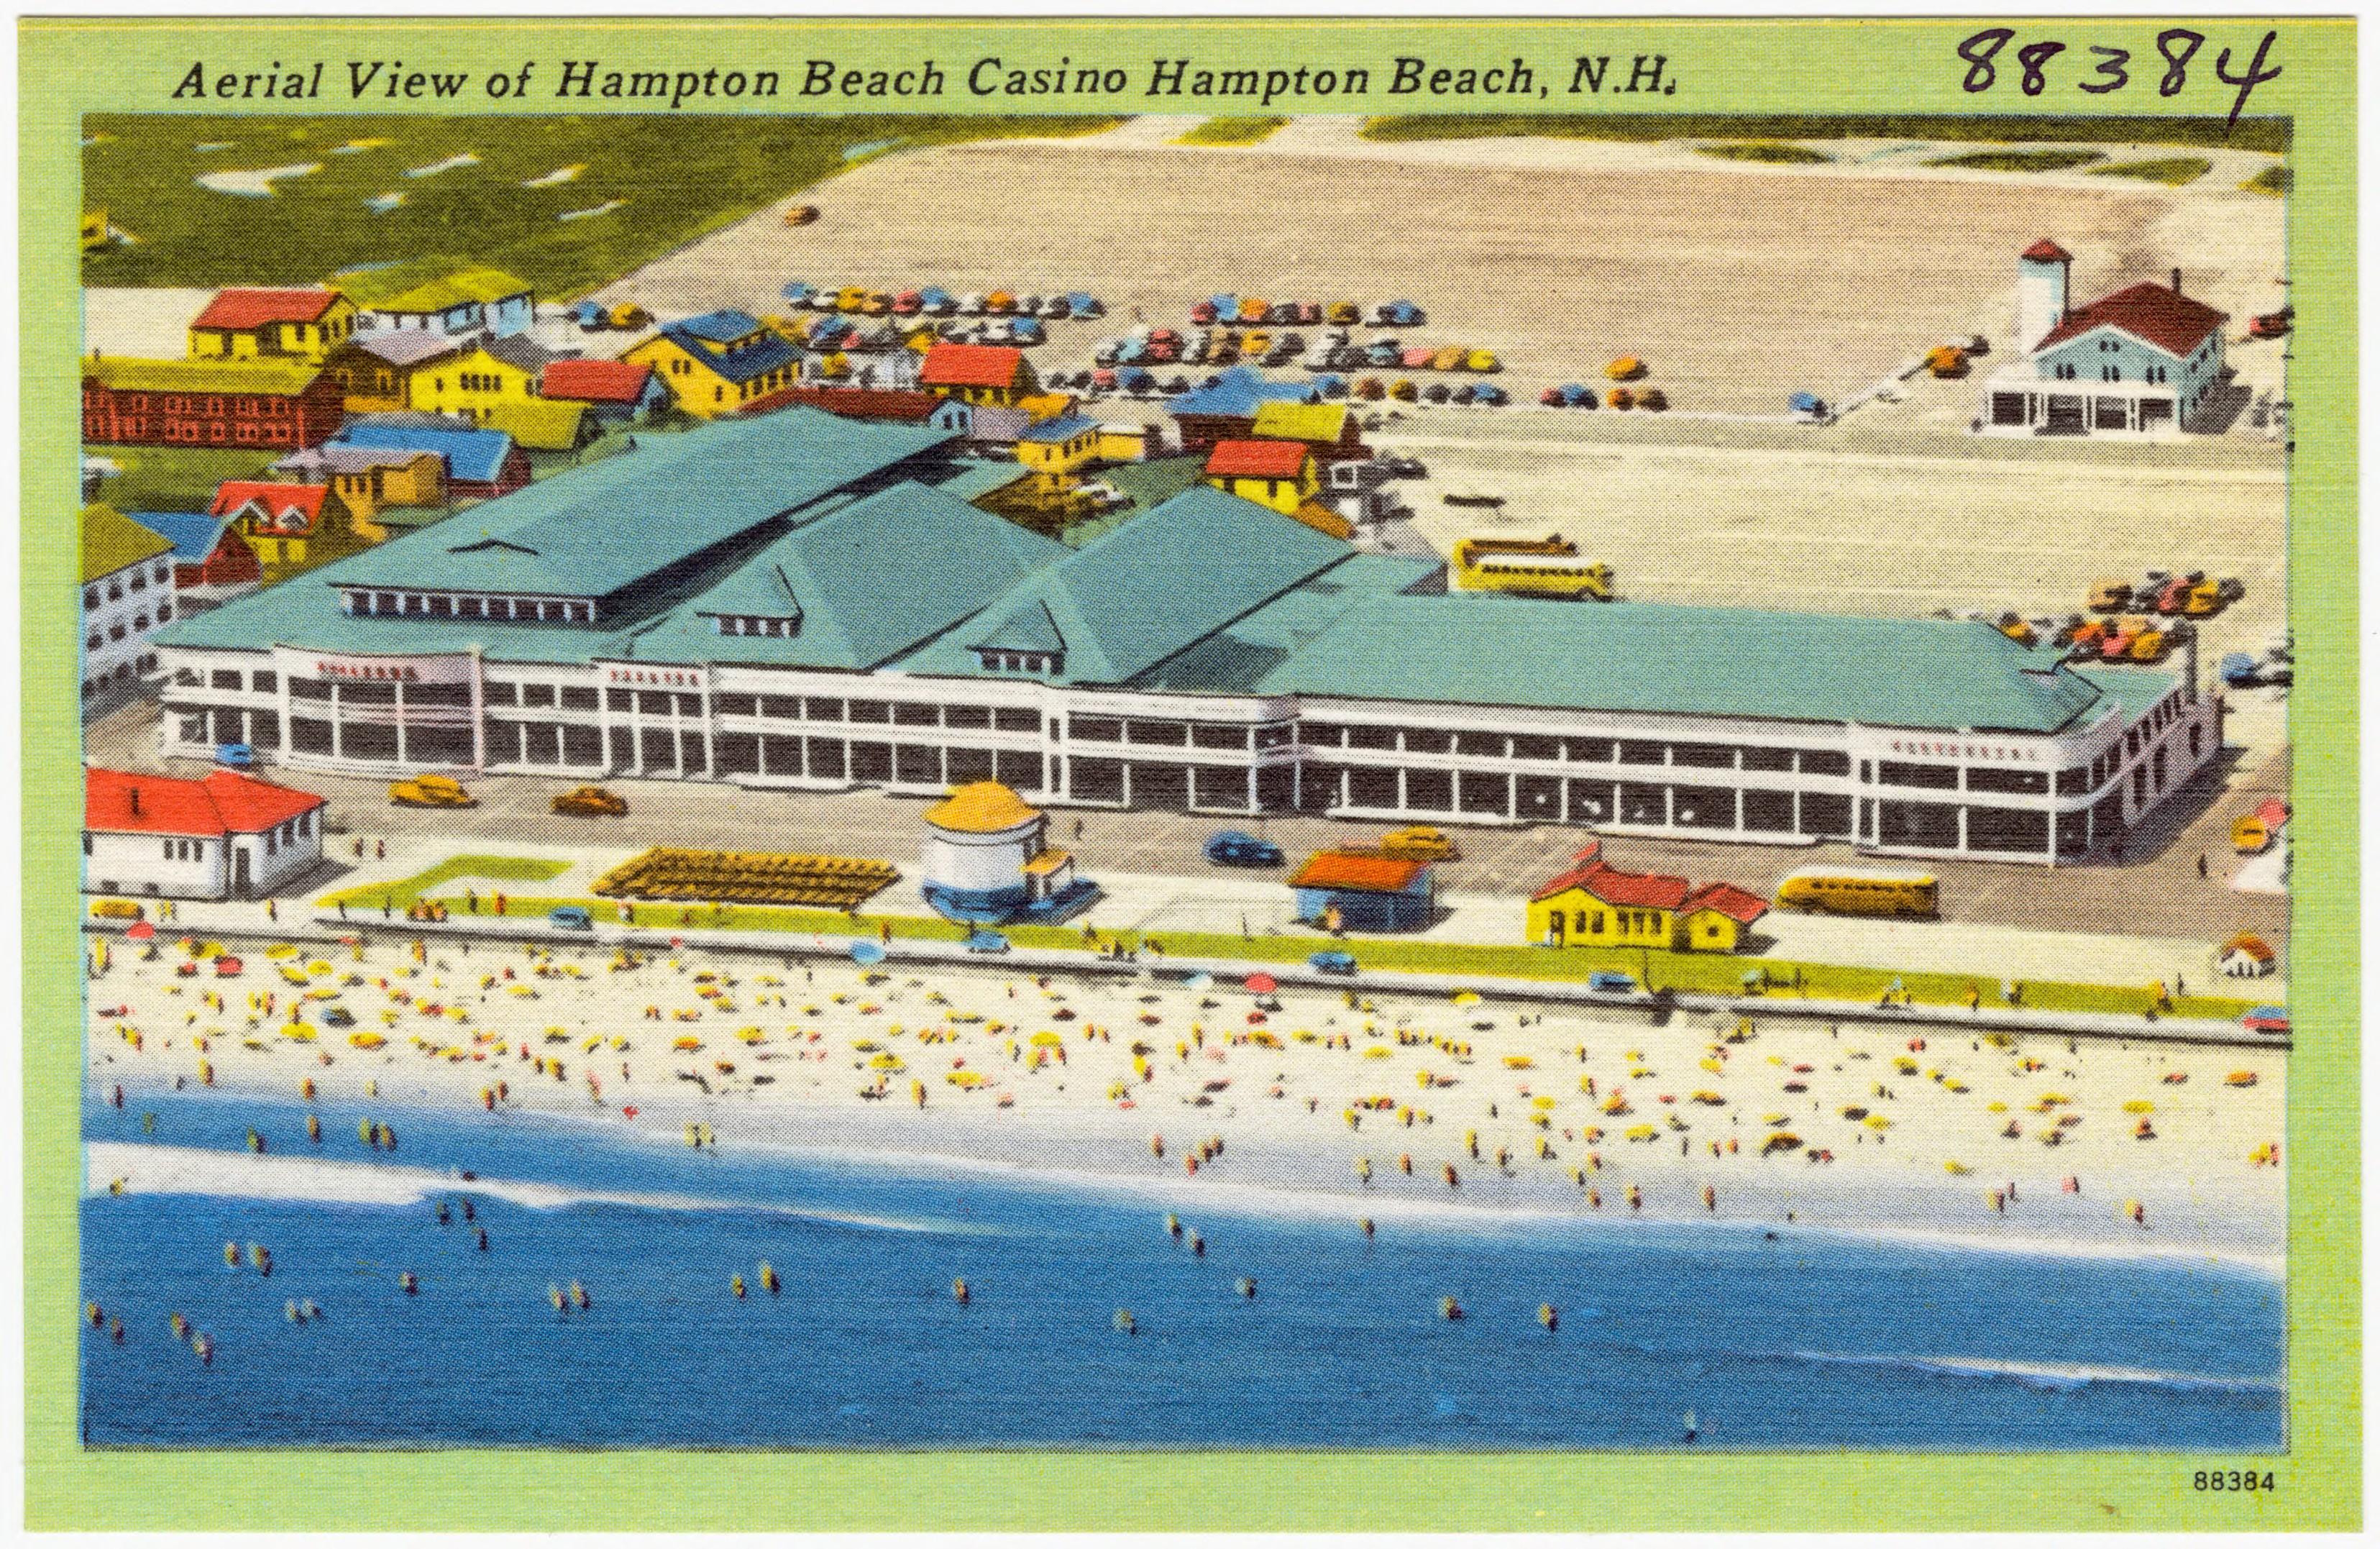 Casino at hampton beach casino in area bay